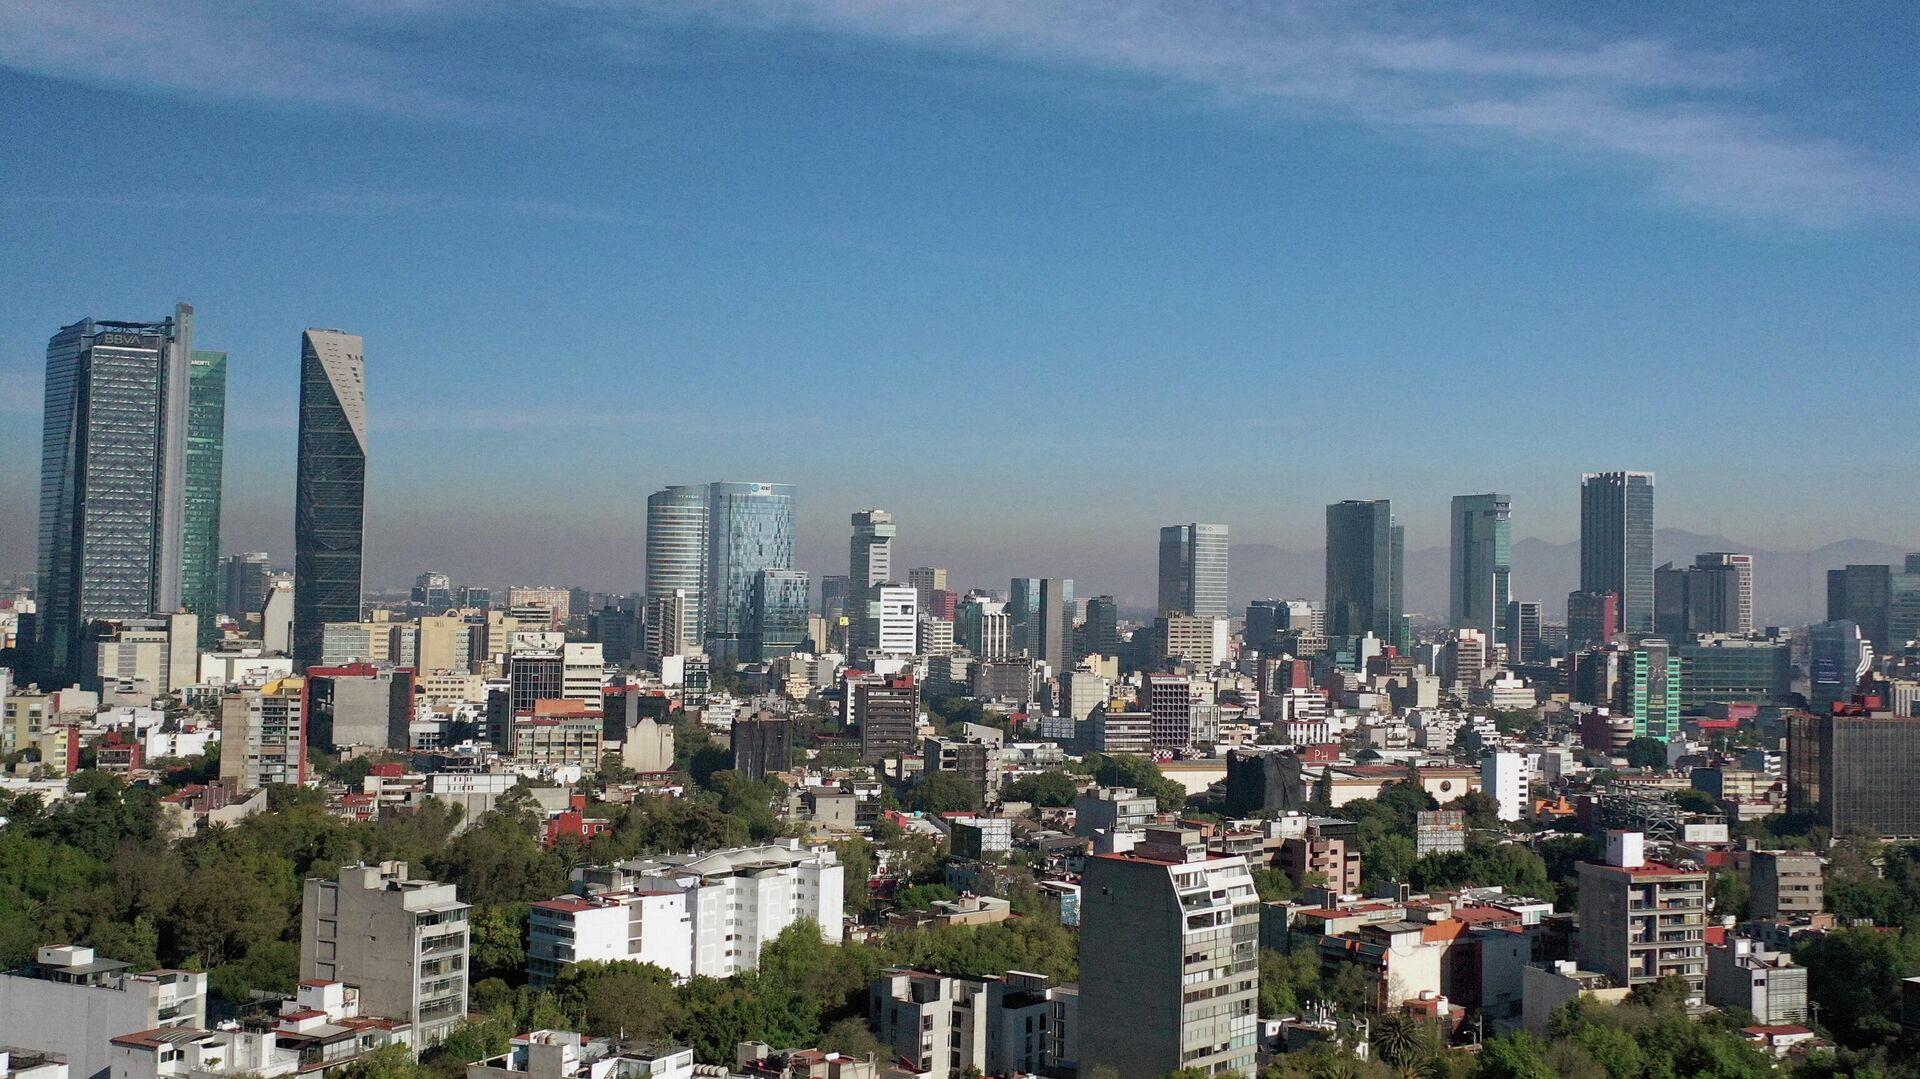 Ciudad de México vista desde el aire - Sputnik Mundo, 1920, 08.05.2021